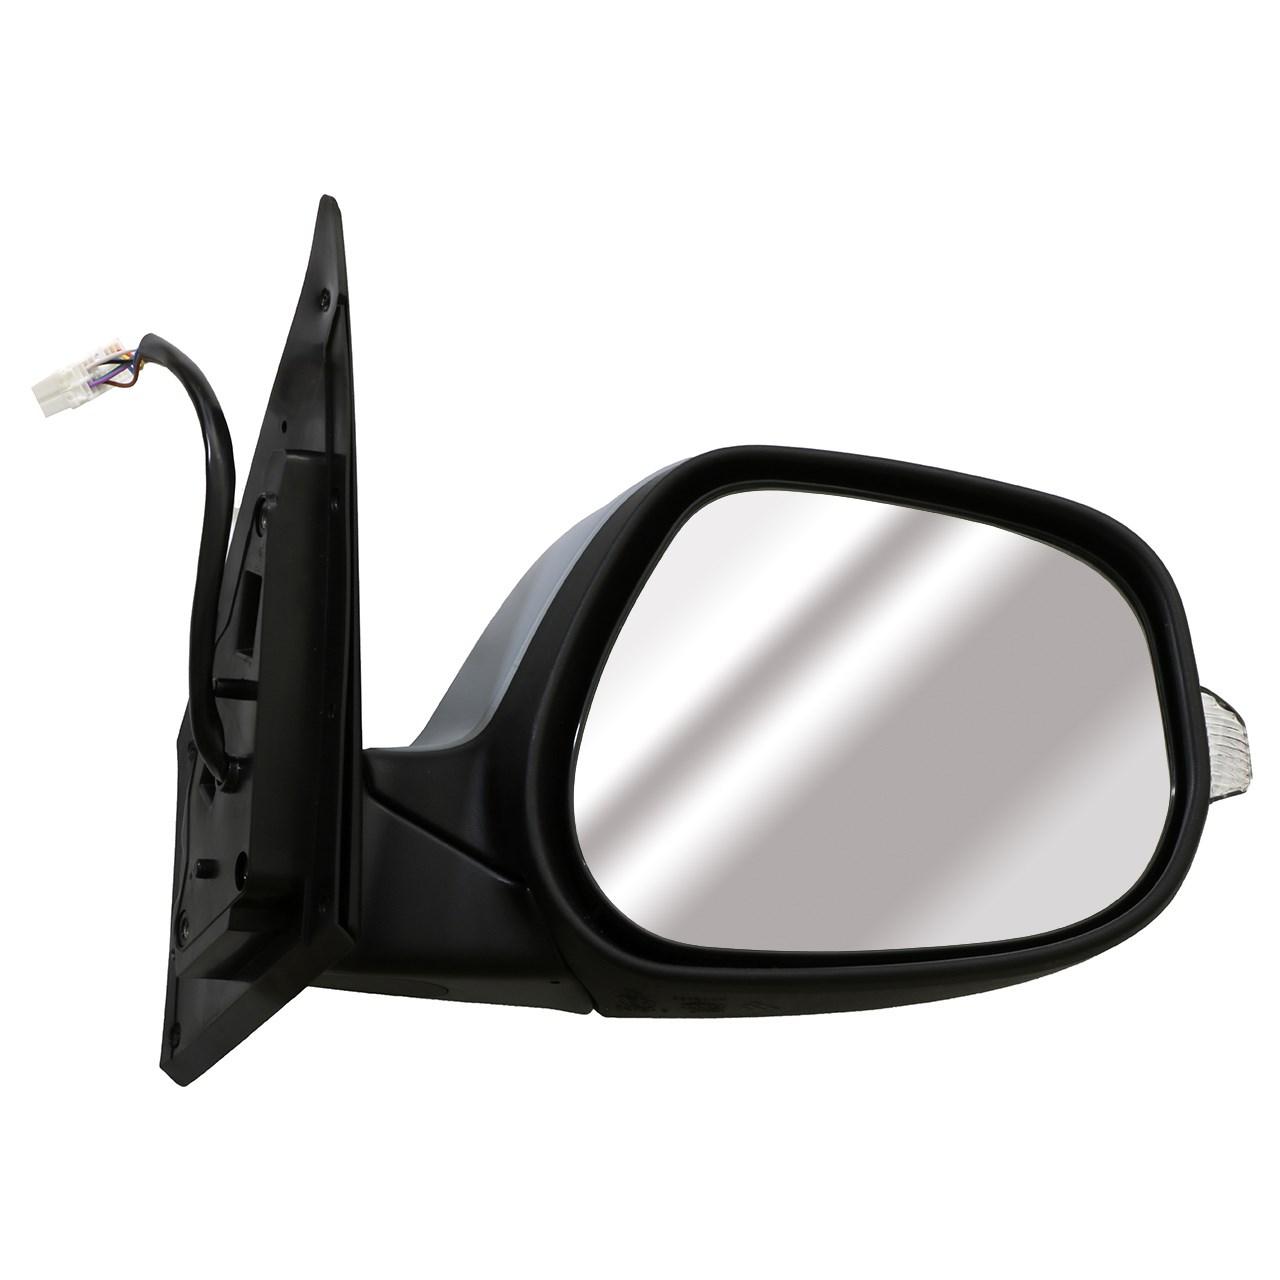 آینه بغل راست ام وی ام مدل T21-8202020BA مناسب برای تیگو نیو